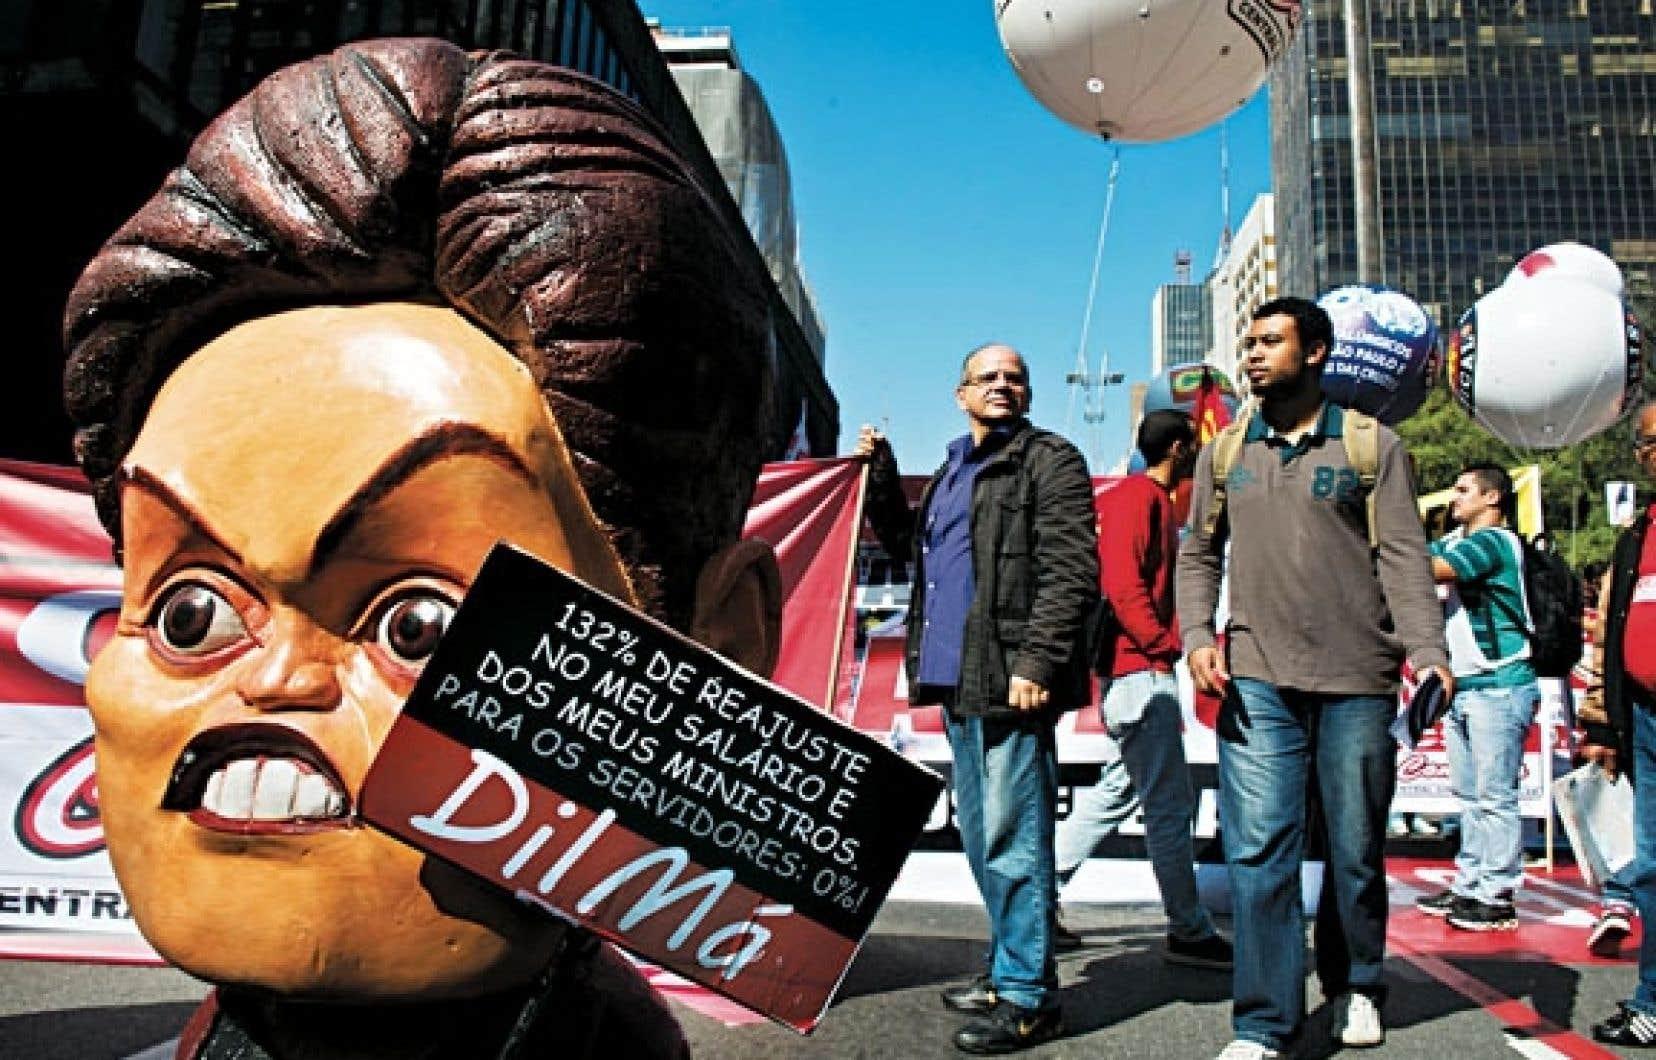 Une marionnette à l'effigie de Dilma Rousseff a été déployée dans une des manifestations à São